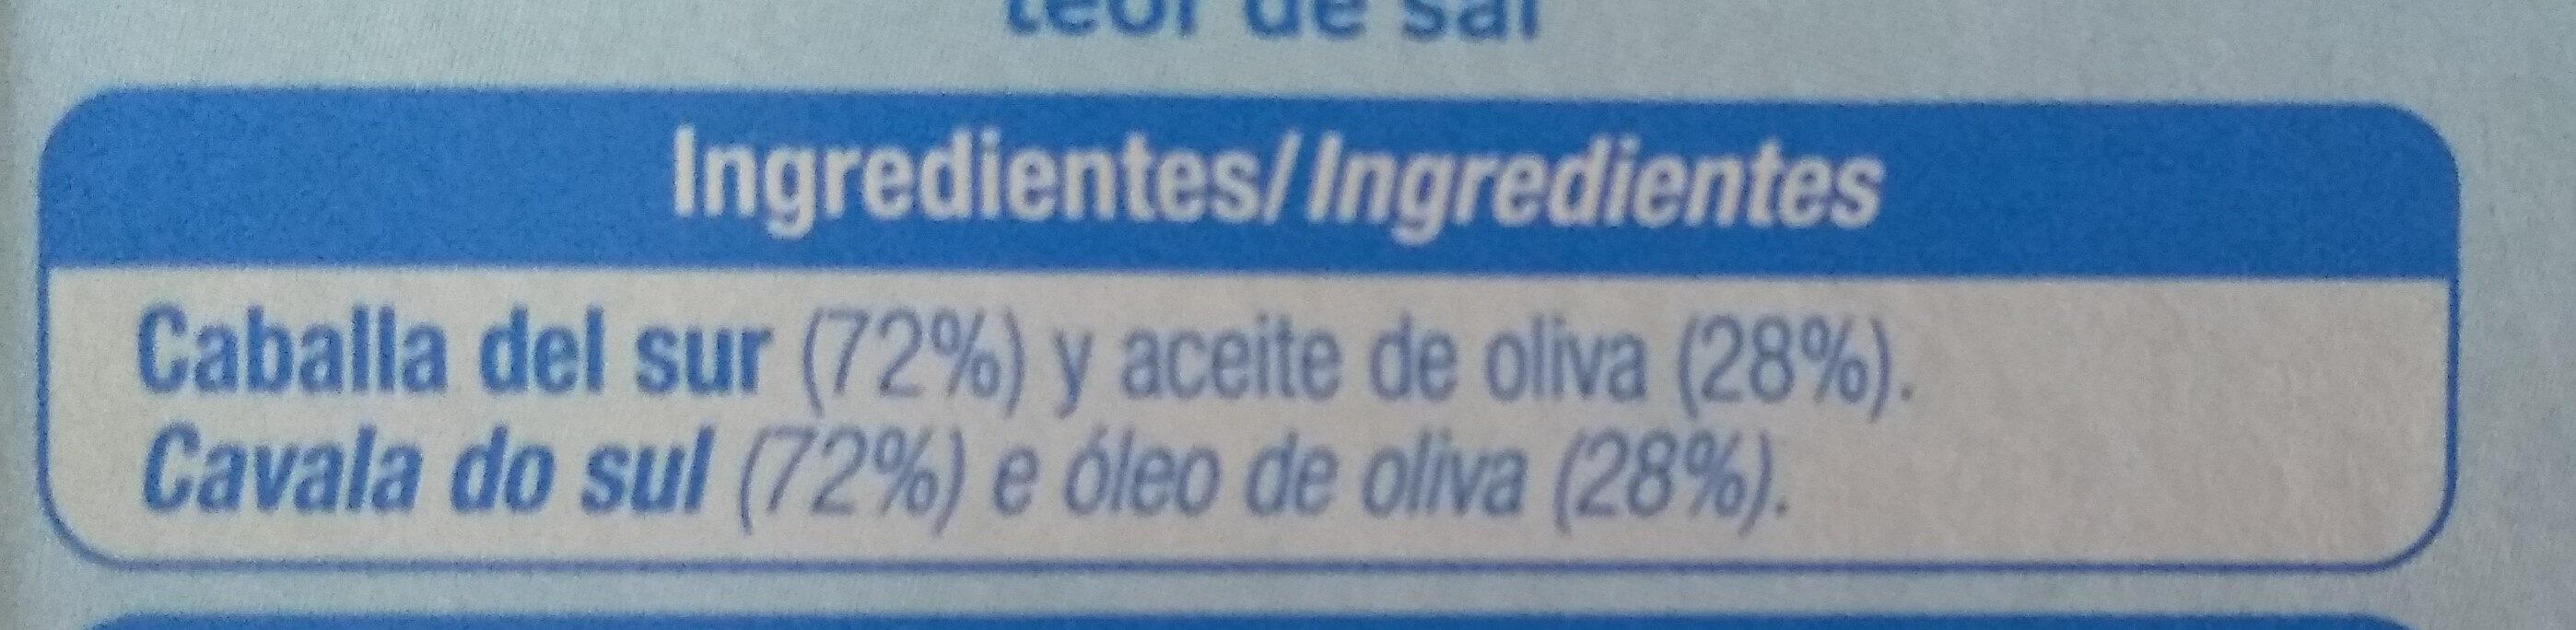 Filetes de caballa del sur - Ingredientes - es